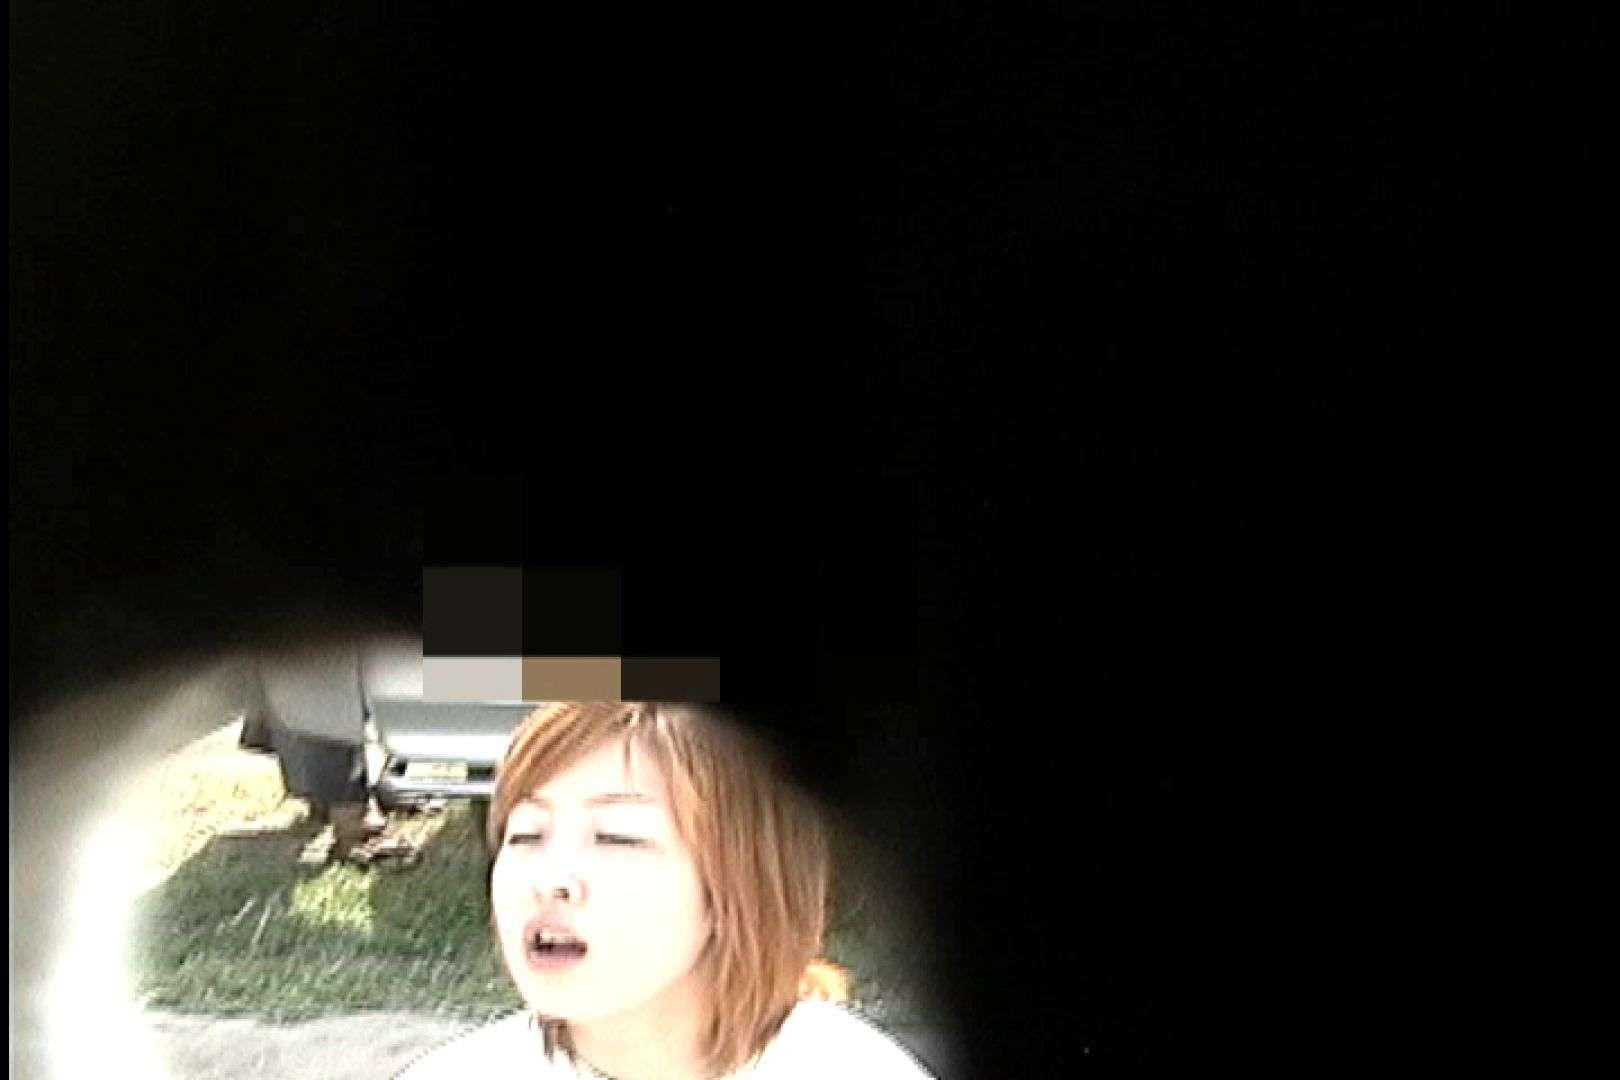 No.41 陰茎から滴り落ちる水滴 細身女性 おまんこ動画流出 58画像 2